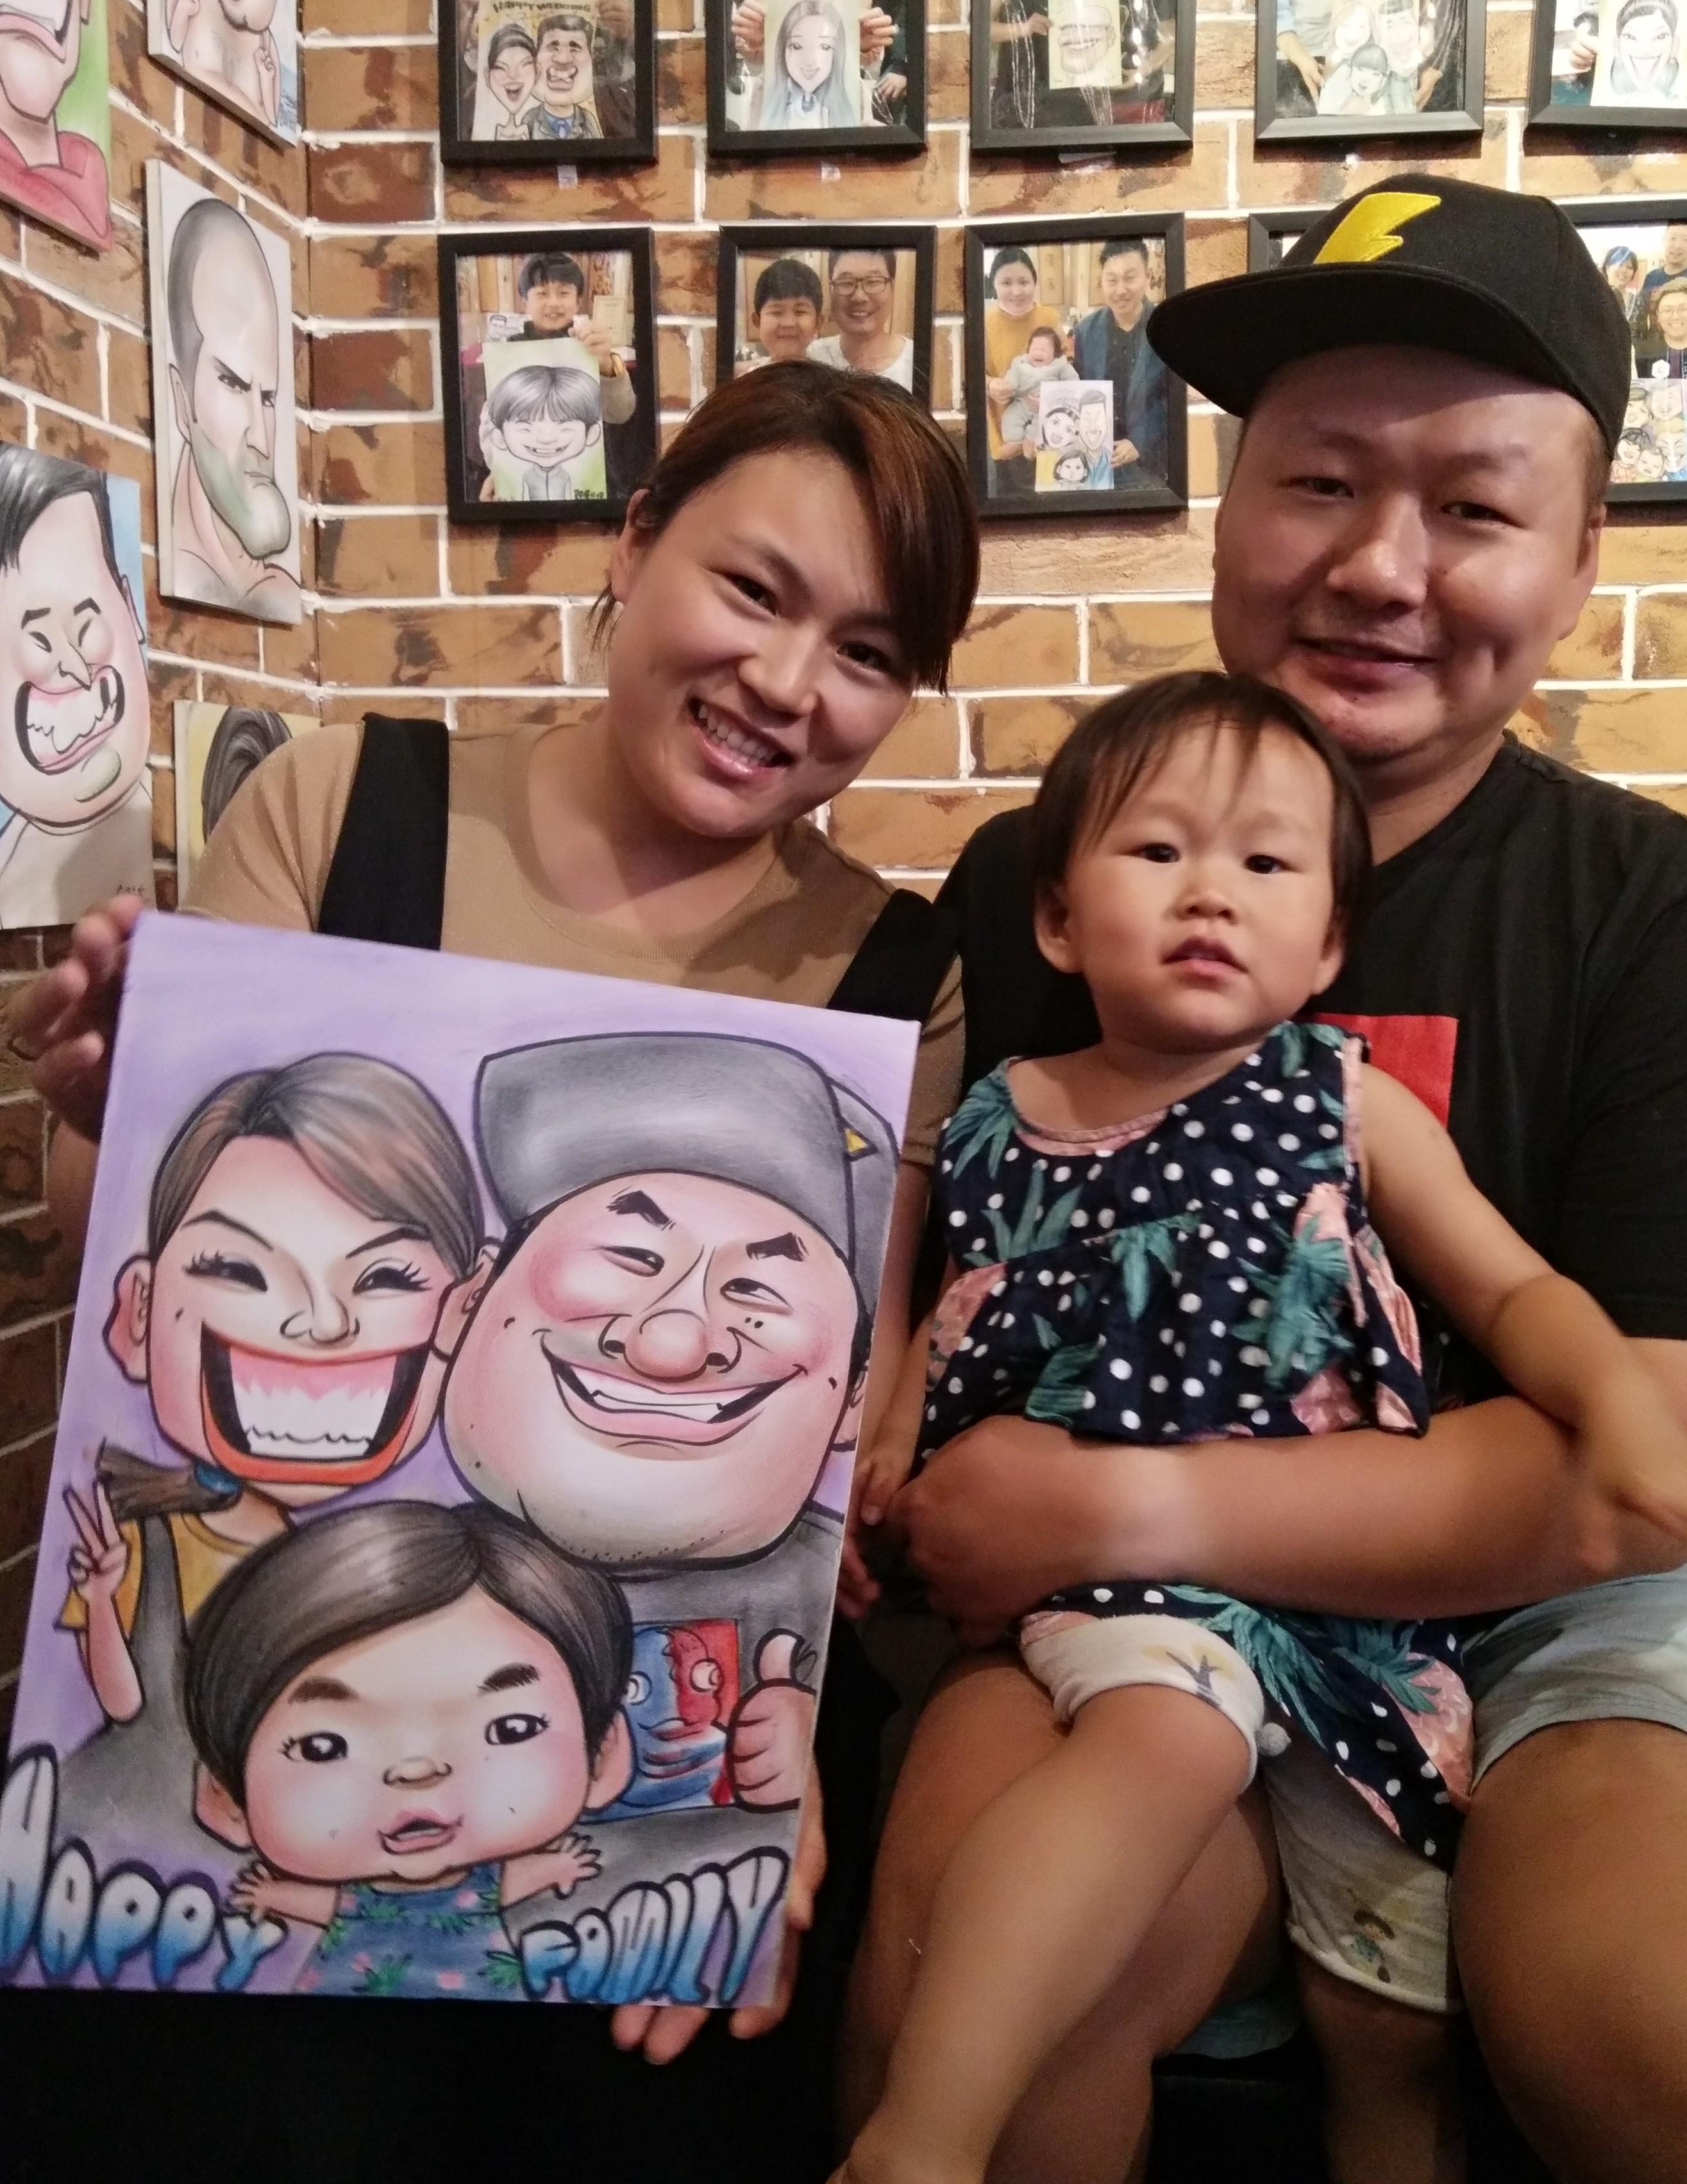 大尺寸三人全家福画像 漫画像定制 夸张画像